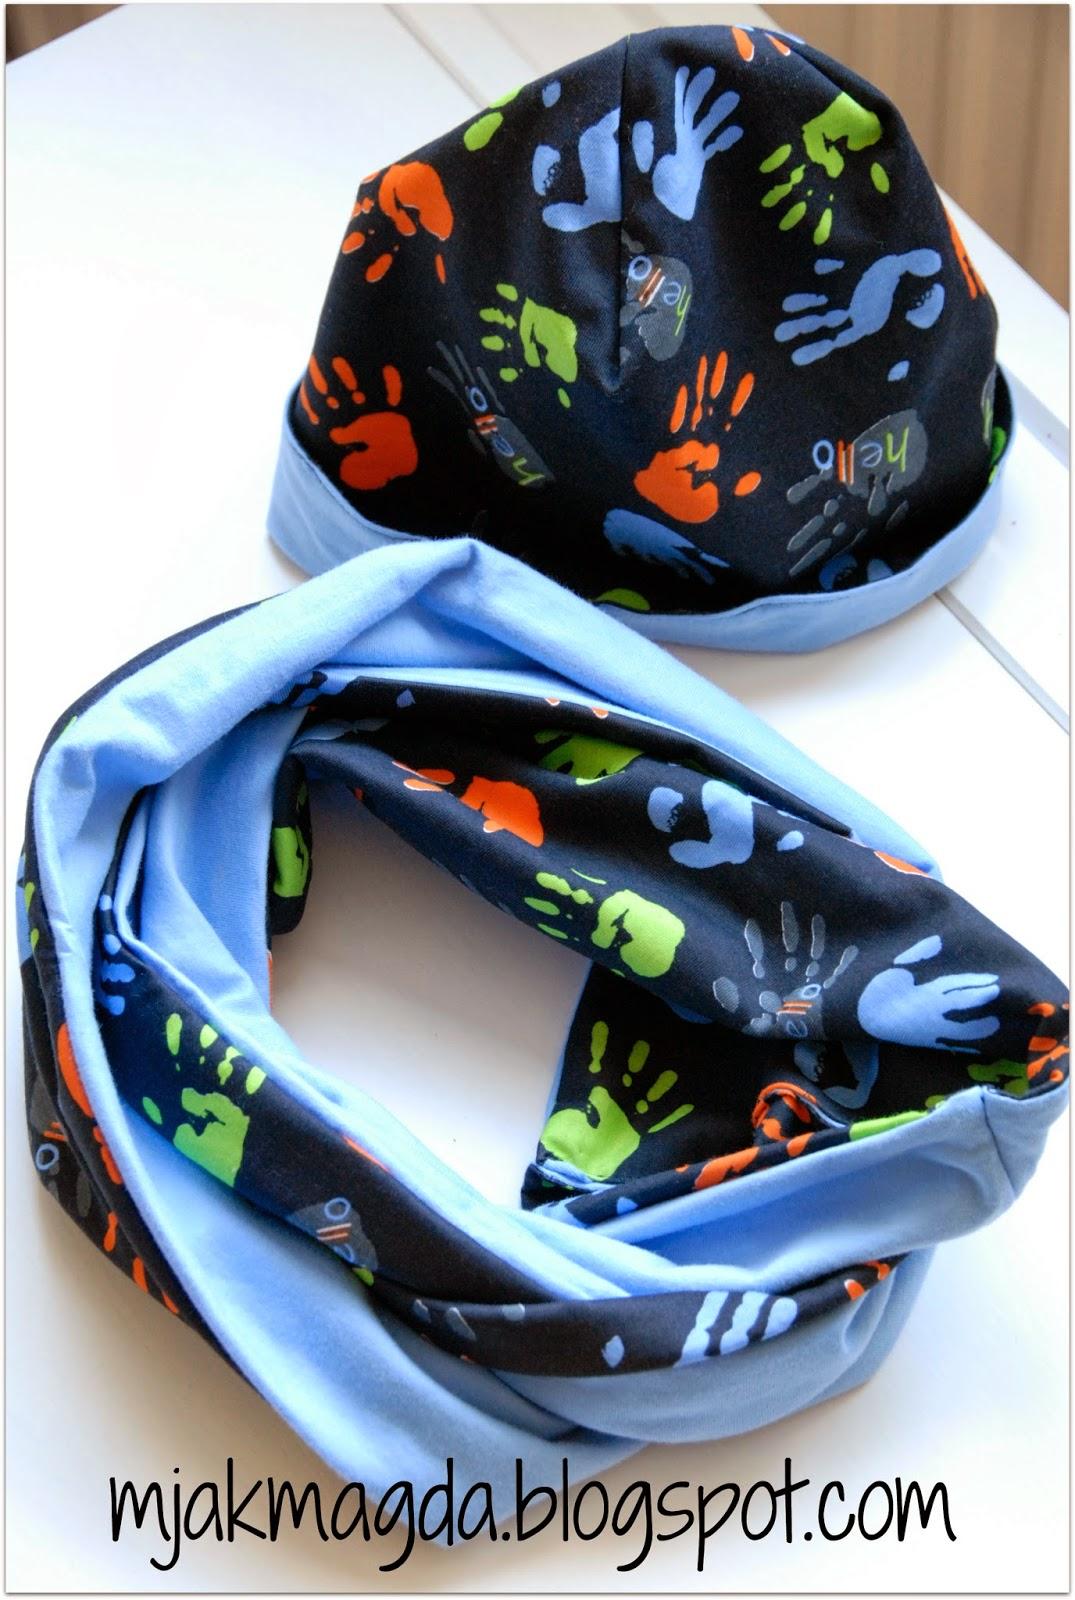 gustownie, czapka, komin, szal, szalik, dwustronny, dwustronna, dziceięcy, dla dziecka, dzianina, z dzianiny, kolorowa, kolorowy, łapki, wzory, wzorki, hello, cienka, lekka, uszyta, uszyć, handmade, rękodzięło, cap, chimney, shawl, scarf, double-sided, double-sided, dziceięcy, for a child, knit, knit, color, color, feet, designs, patterns, hello, thin, lightweight, sewn, sew, handmade, hand made,